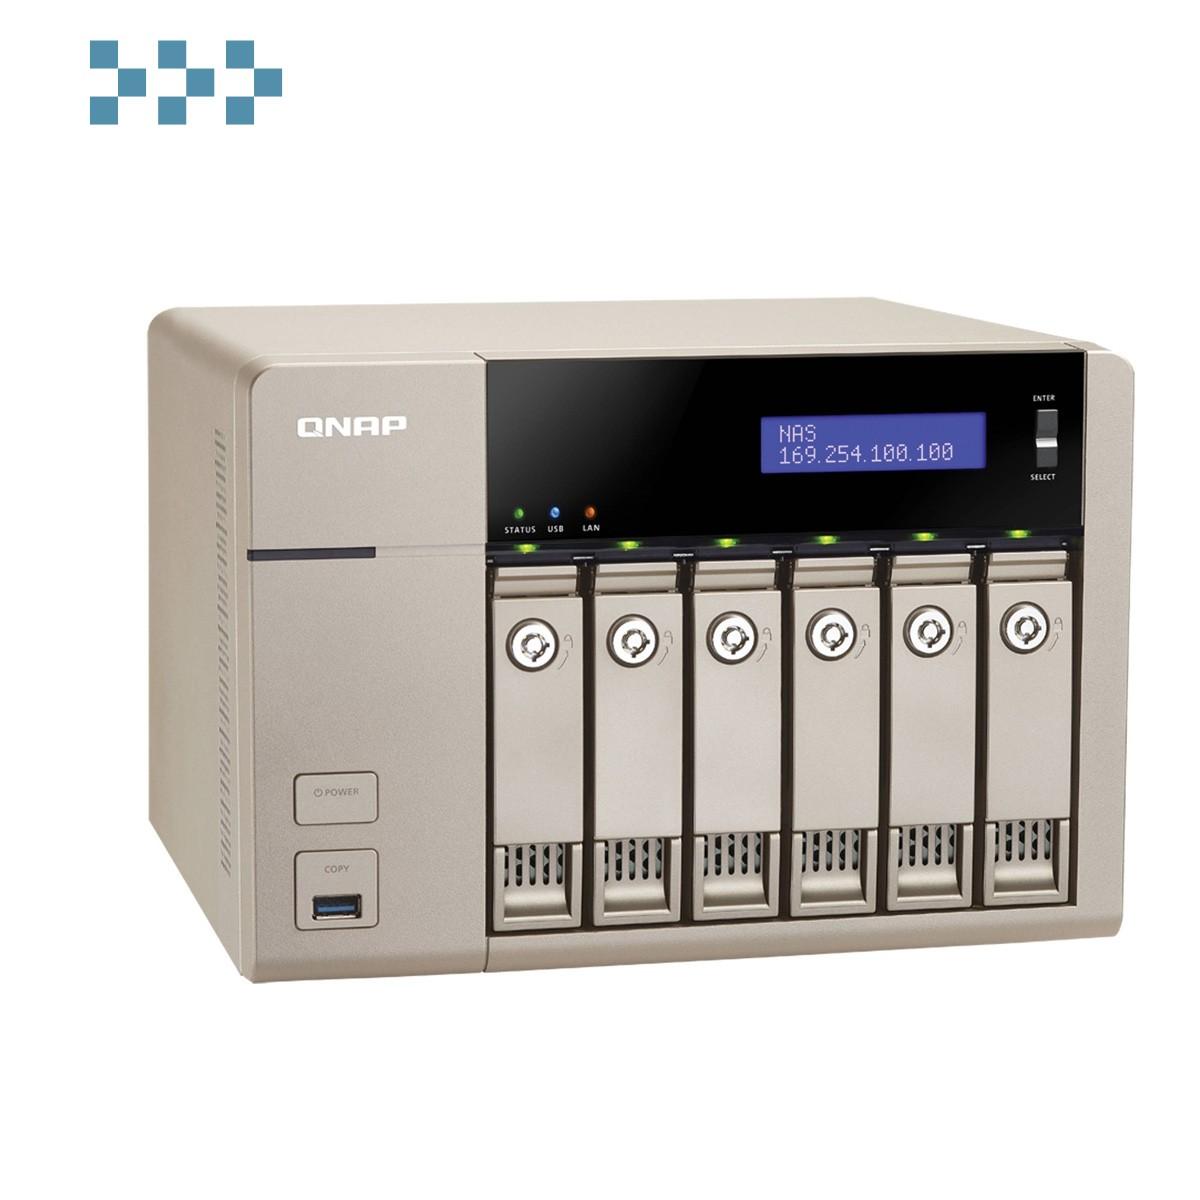 Сетевой накопитель QNAP TVS-663-4G